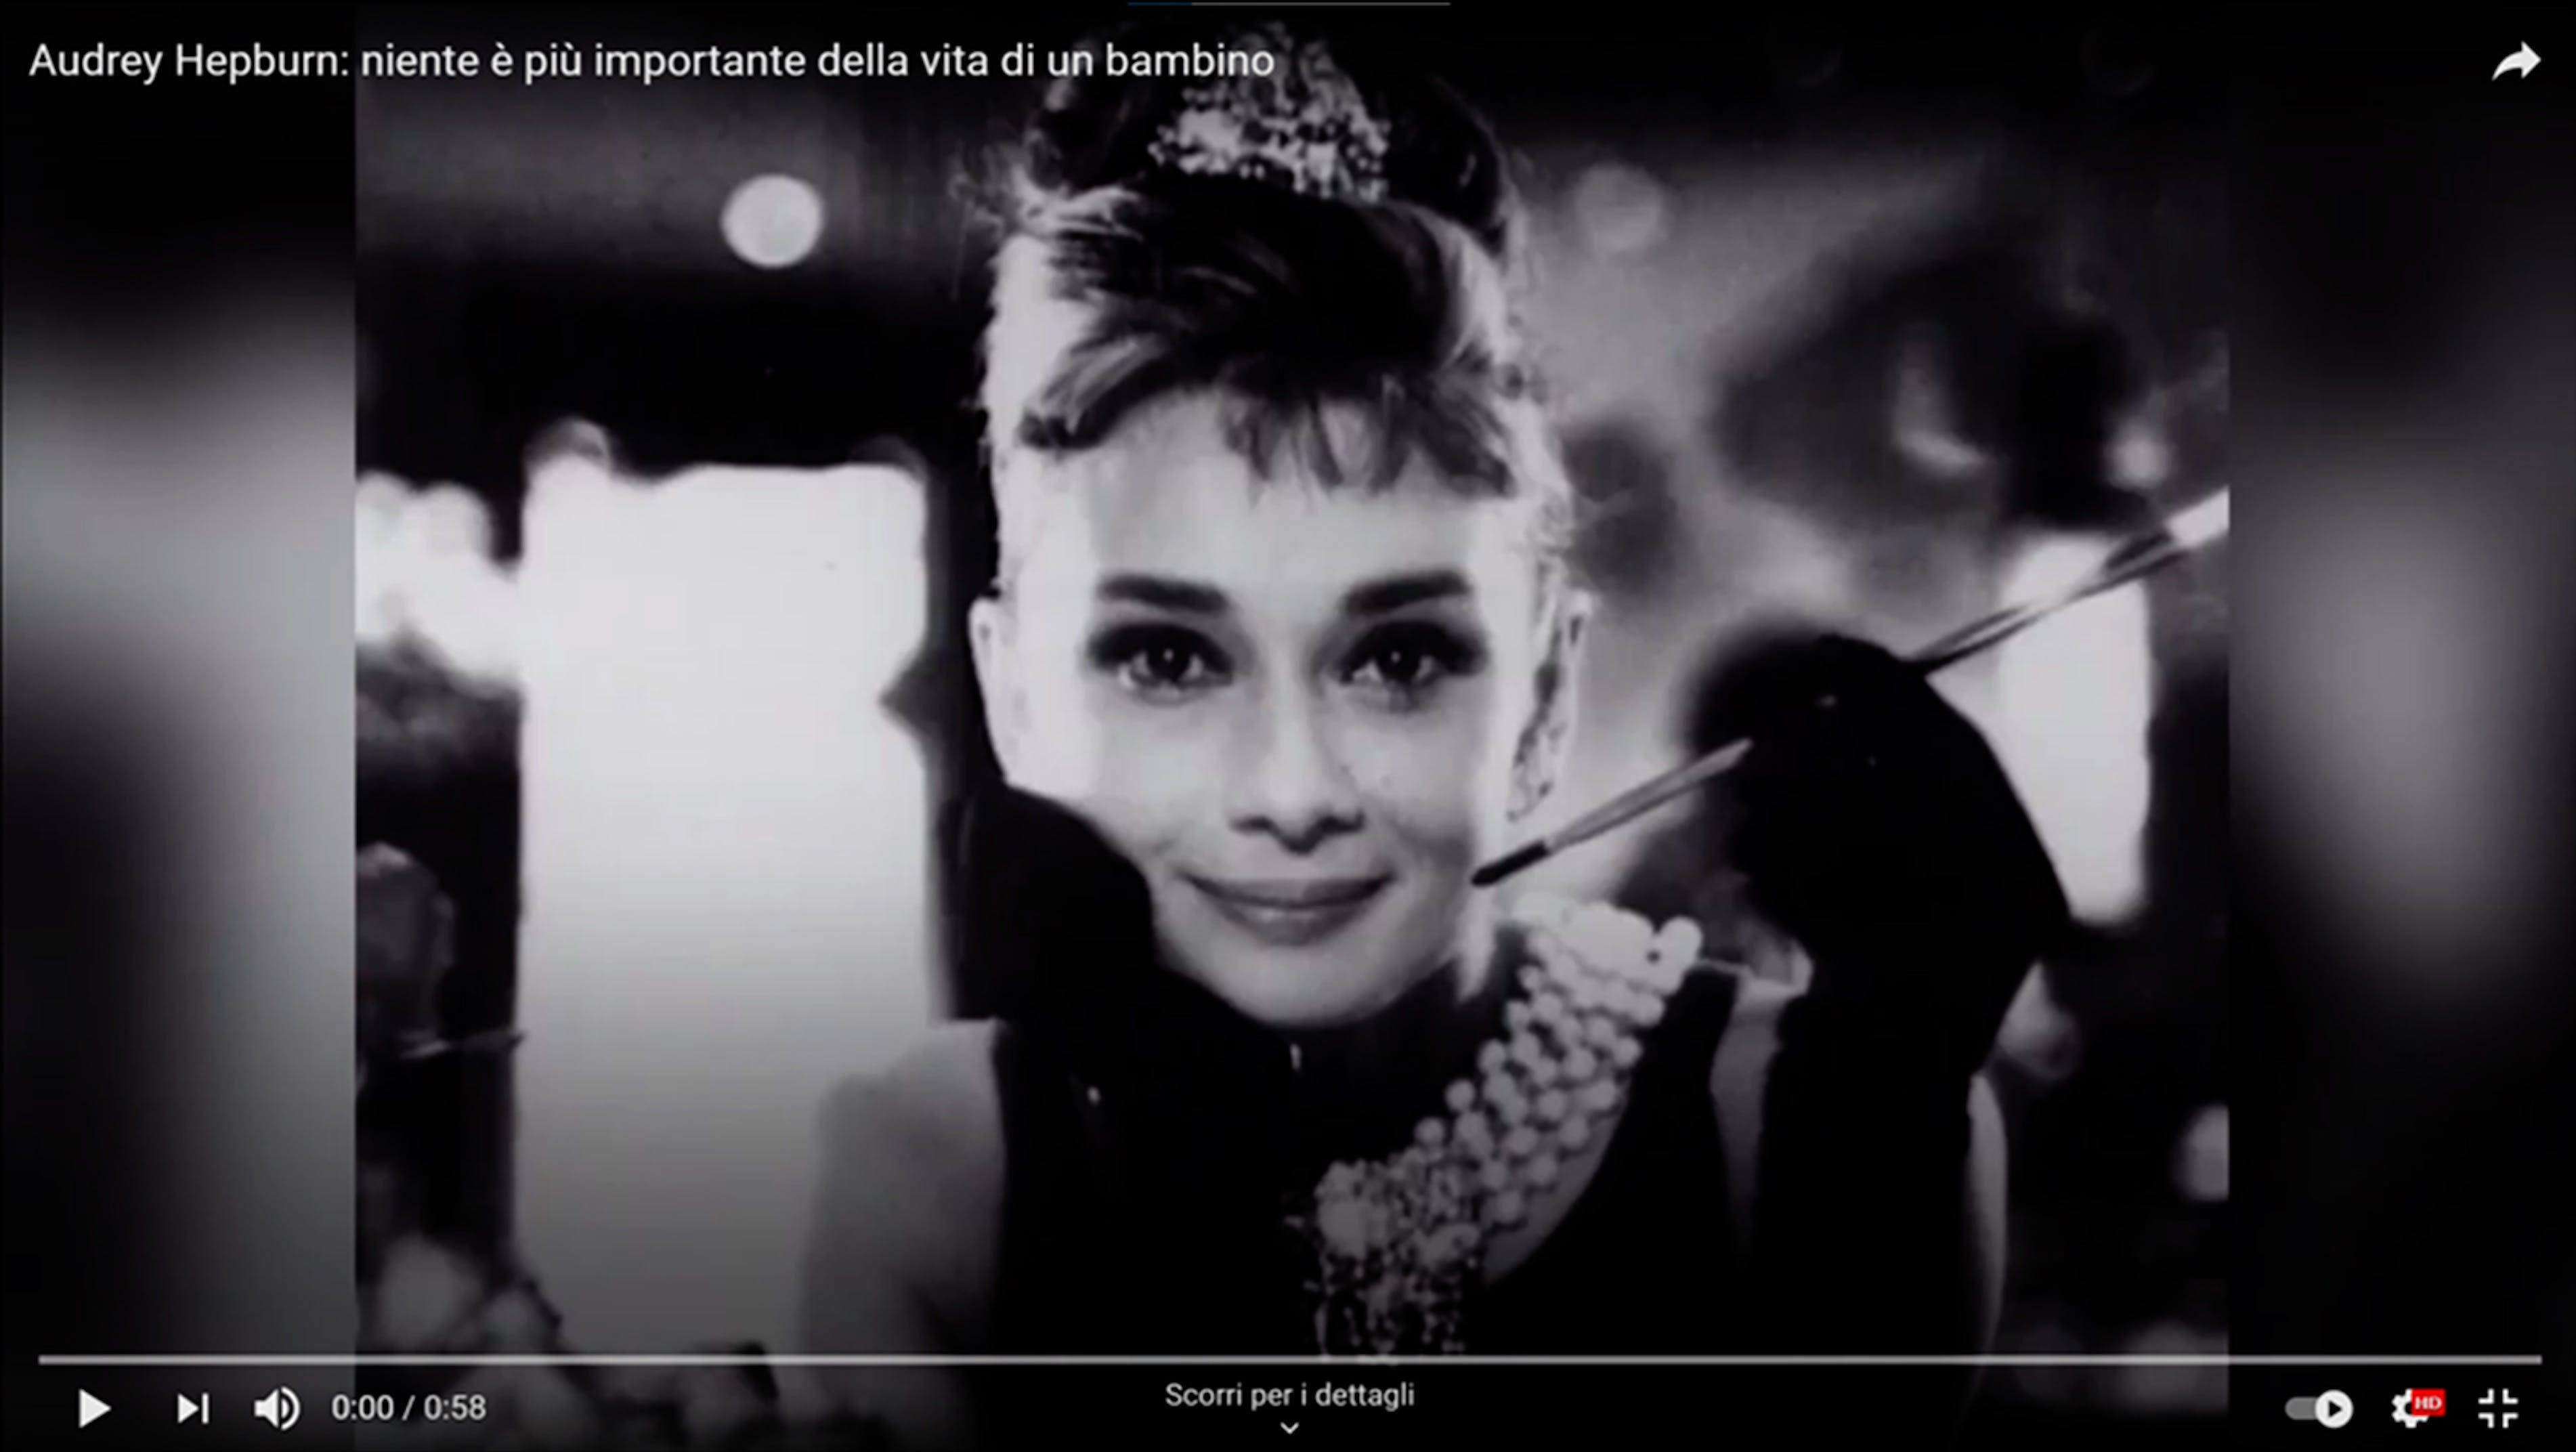 Audrey Hepburn: niente è più importante della vita di un bambino